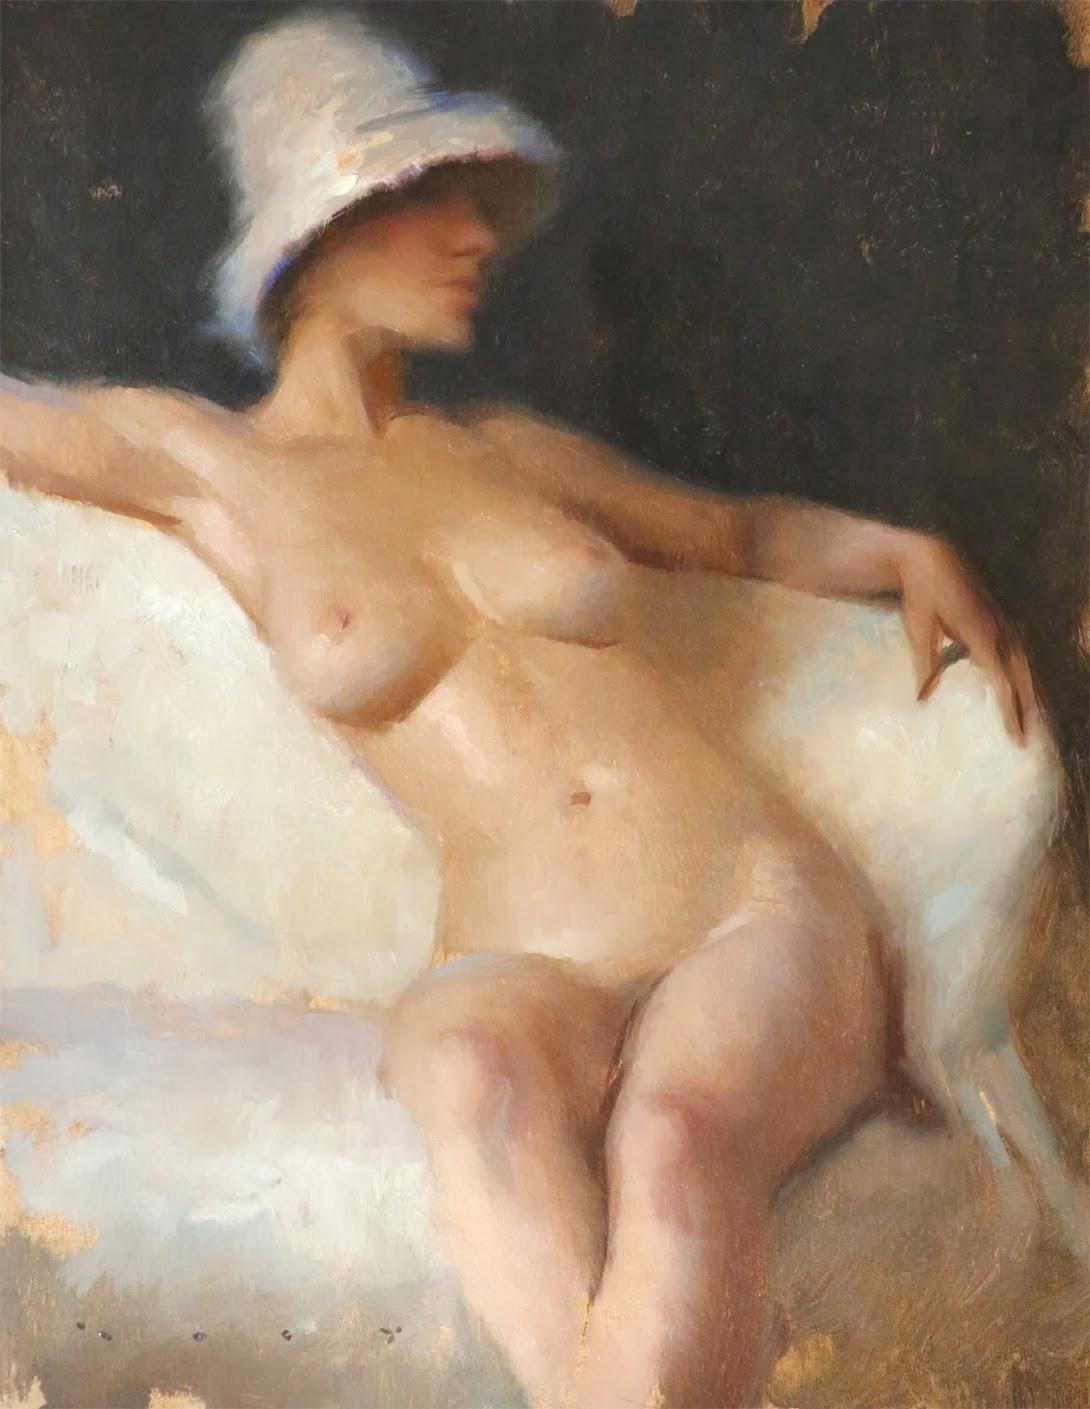 evgeniy-onegin-onlayn-erotika